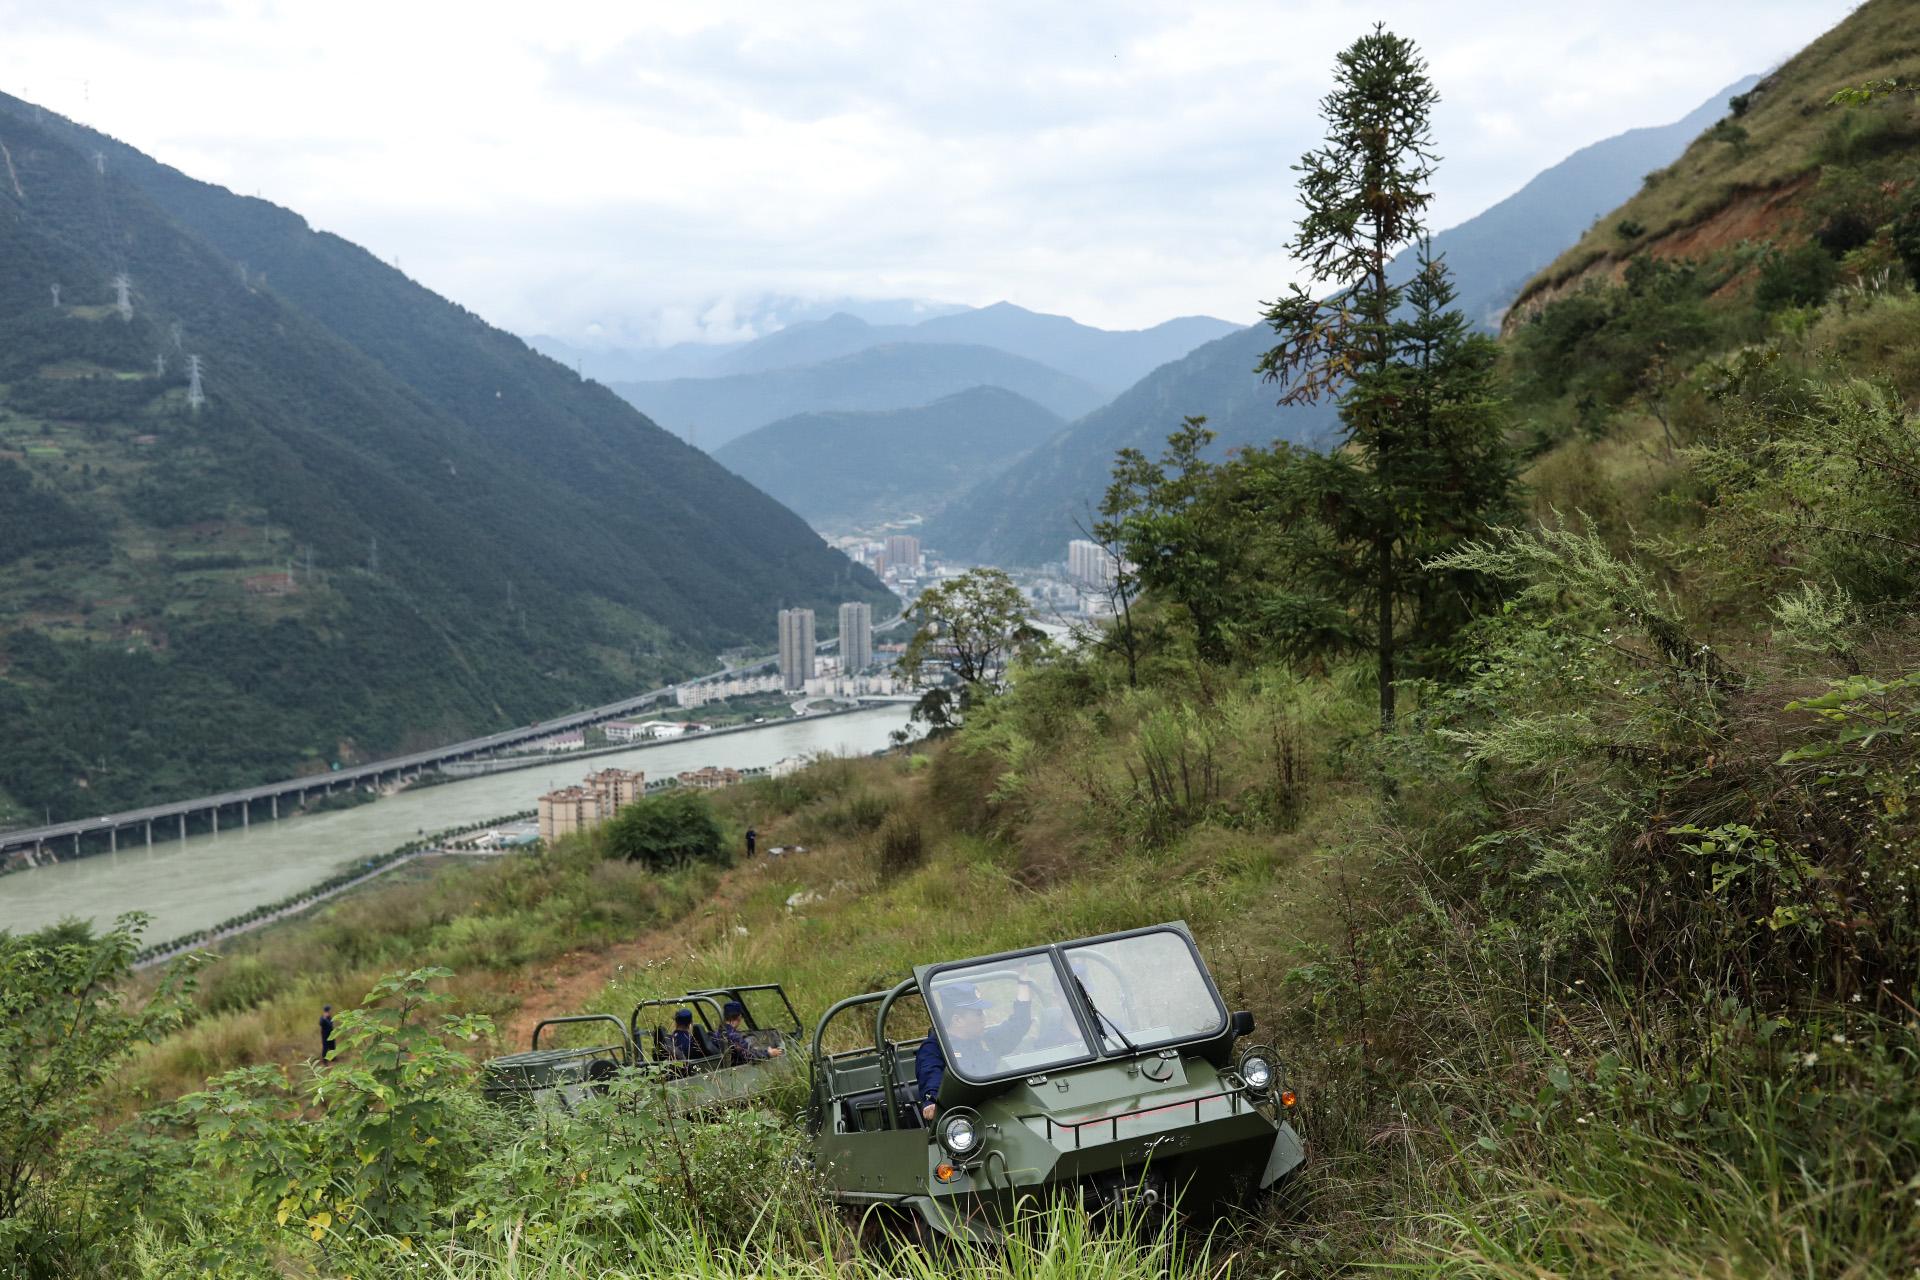 四川森林总队消防员【们】正【在】驾驶山猫【全】【地】形车训练。